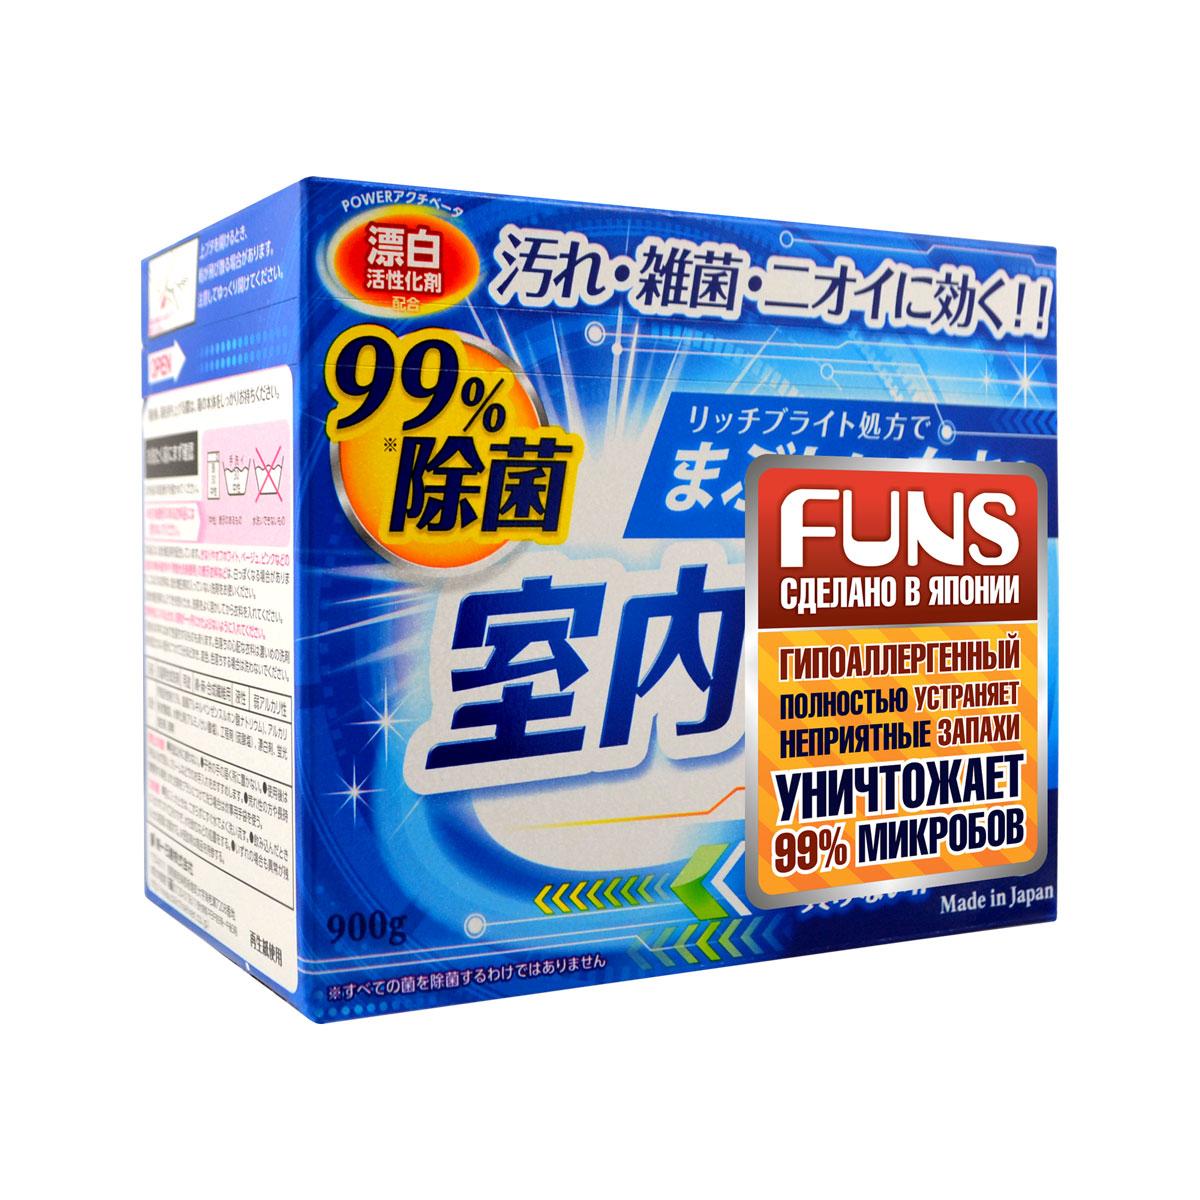 """Порошок стиральный для чистоты вещей и сушки белья в помещении """"Funs"""", 900 г"""